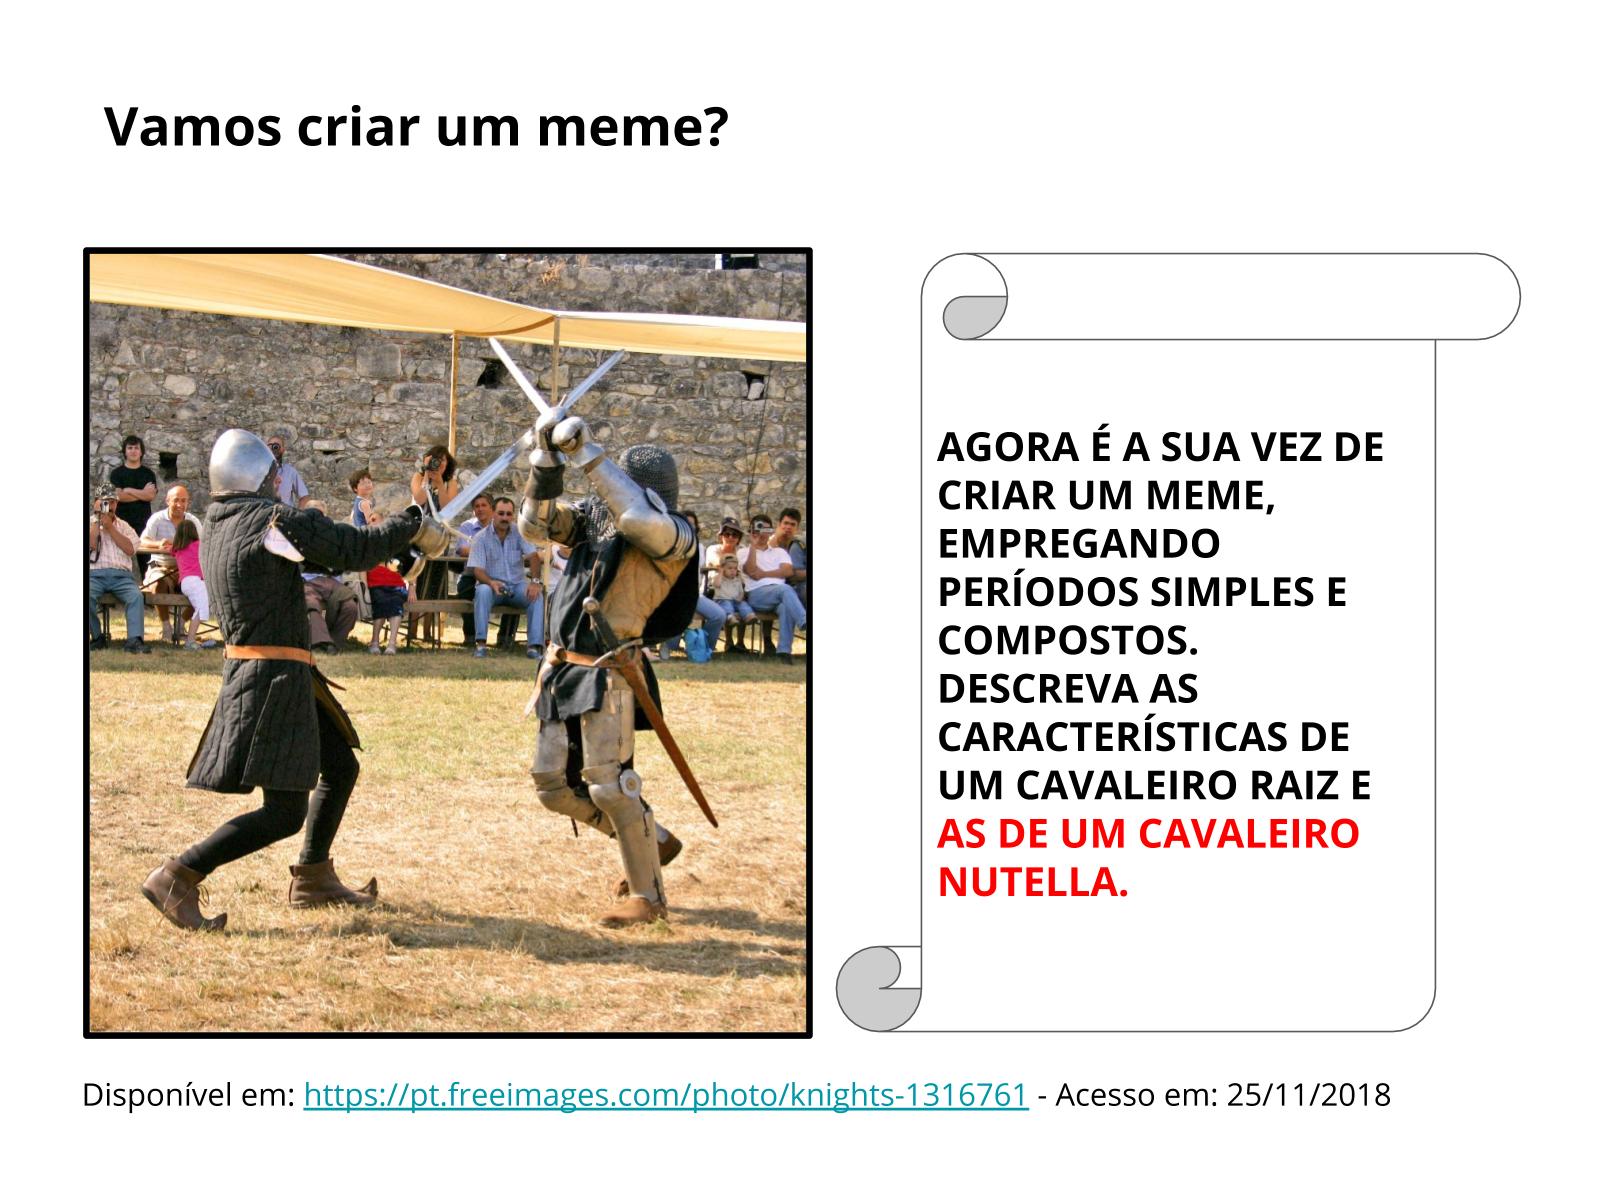 Períodos simples e compostos no gênero meme